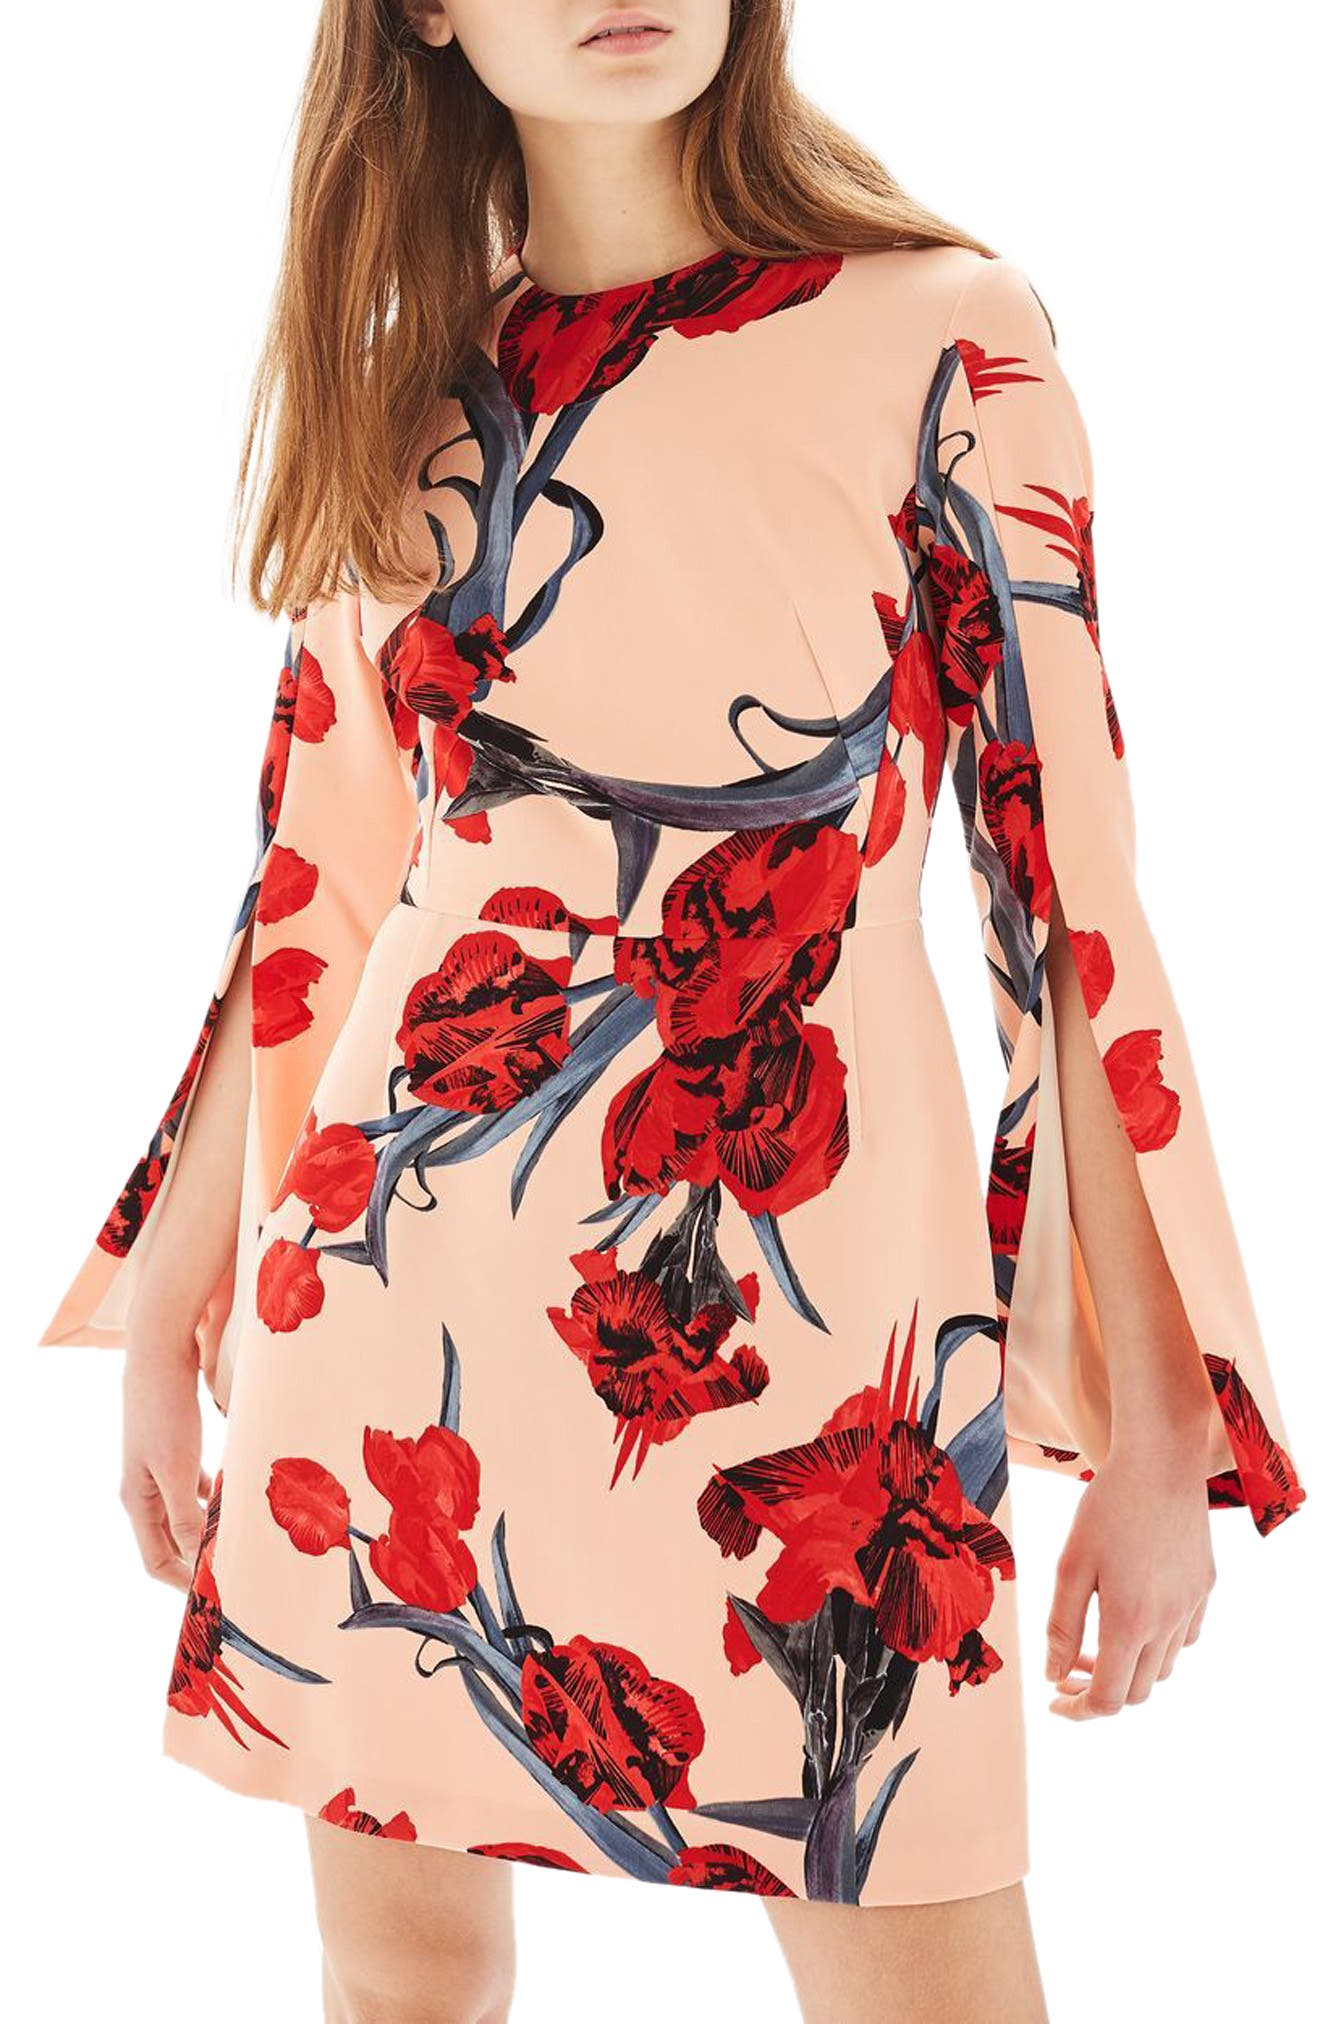 Topshop Floral Split Sleeve Dress